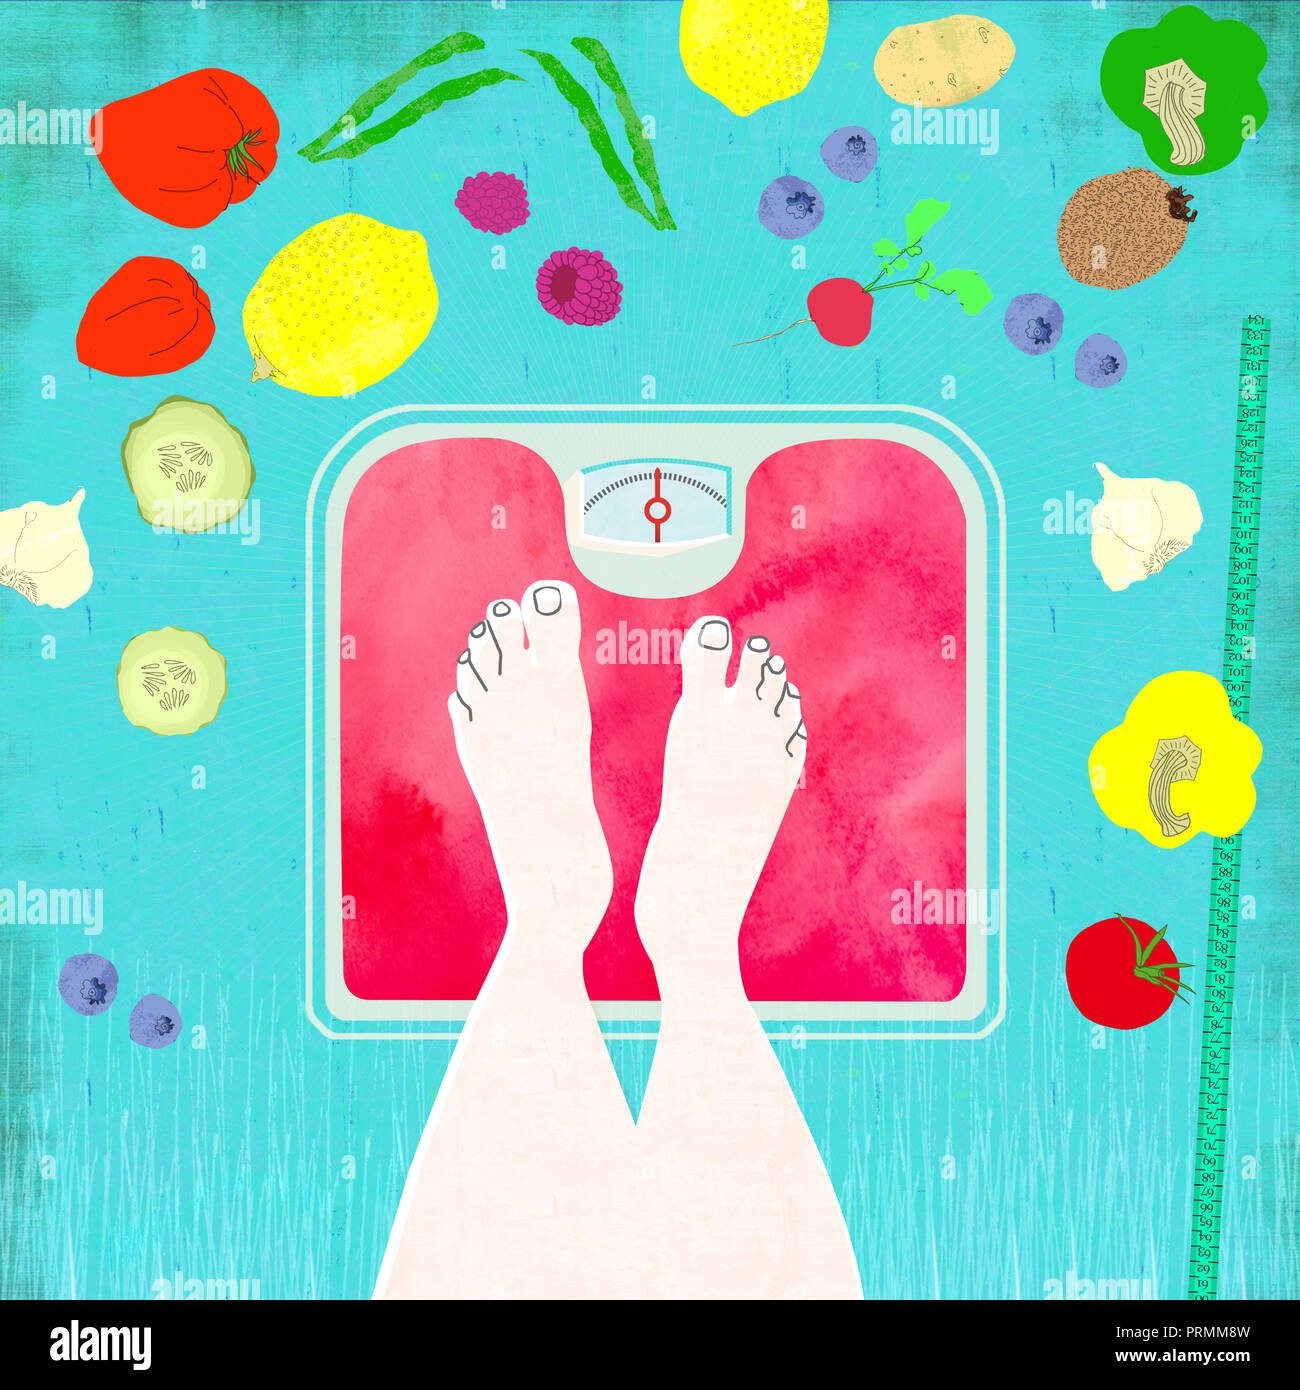 Füße auf einer Waage mit einer gesunden Ernährung Stockbild